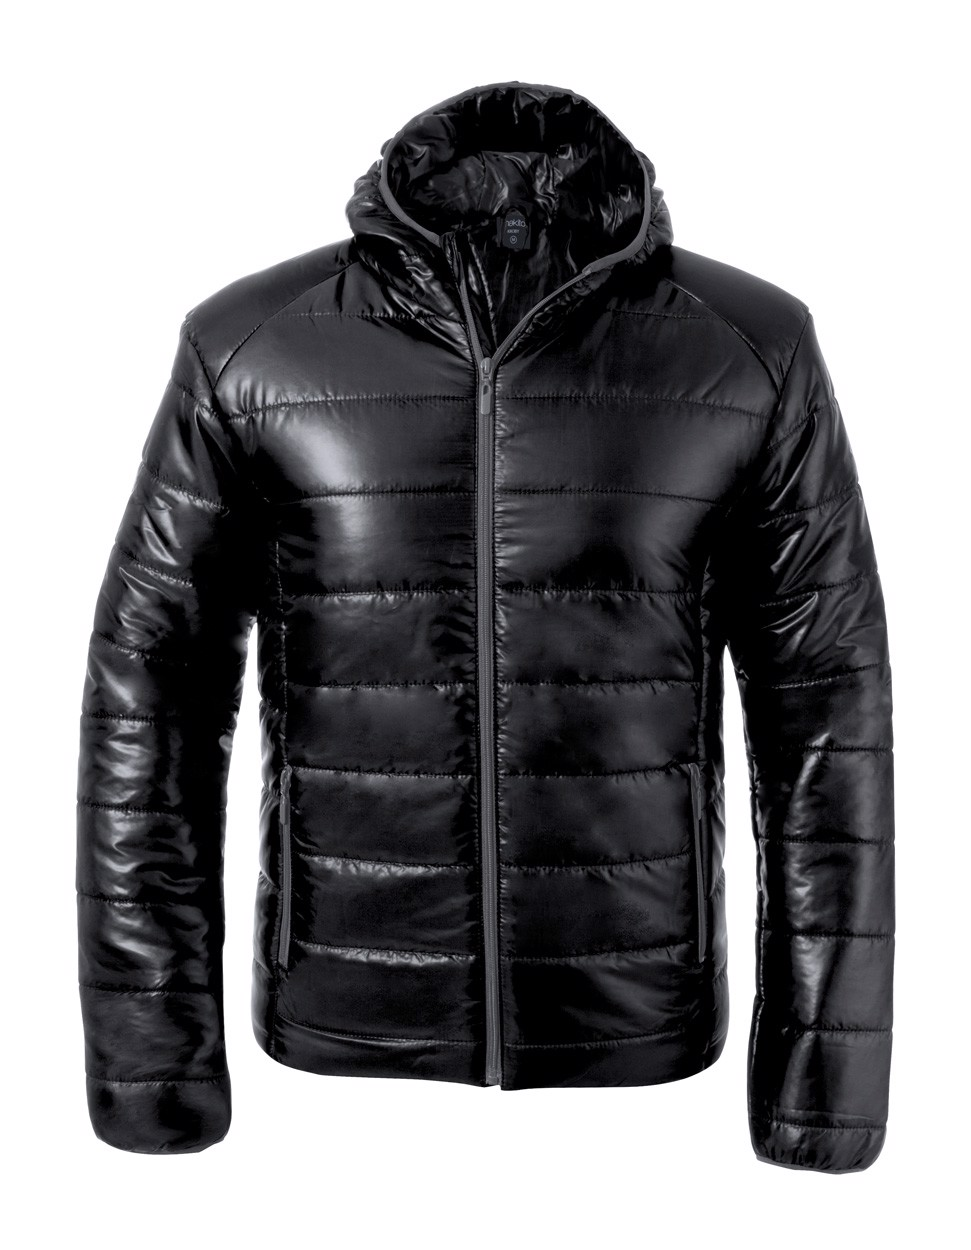 Jacket Luzat - Black / S